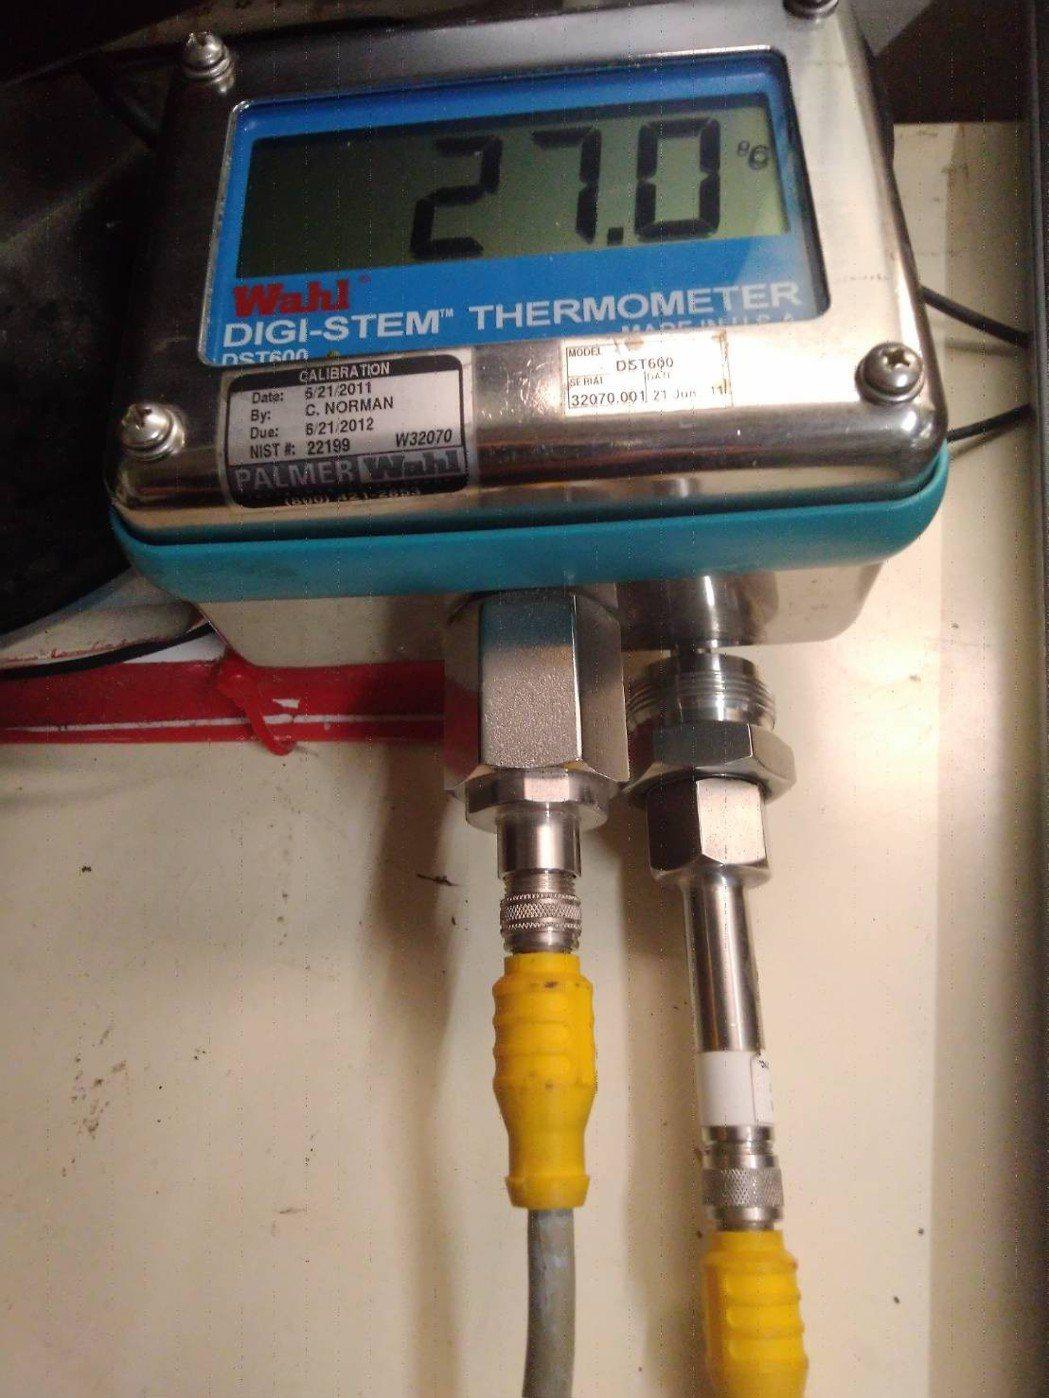 食品級的「Digi-Stem數字溫度顯示/傳送器」,具有溫度最大值與最小值記錄功...